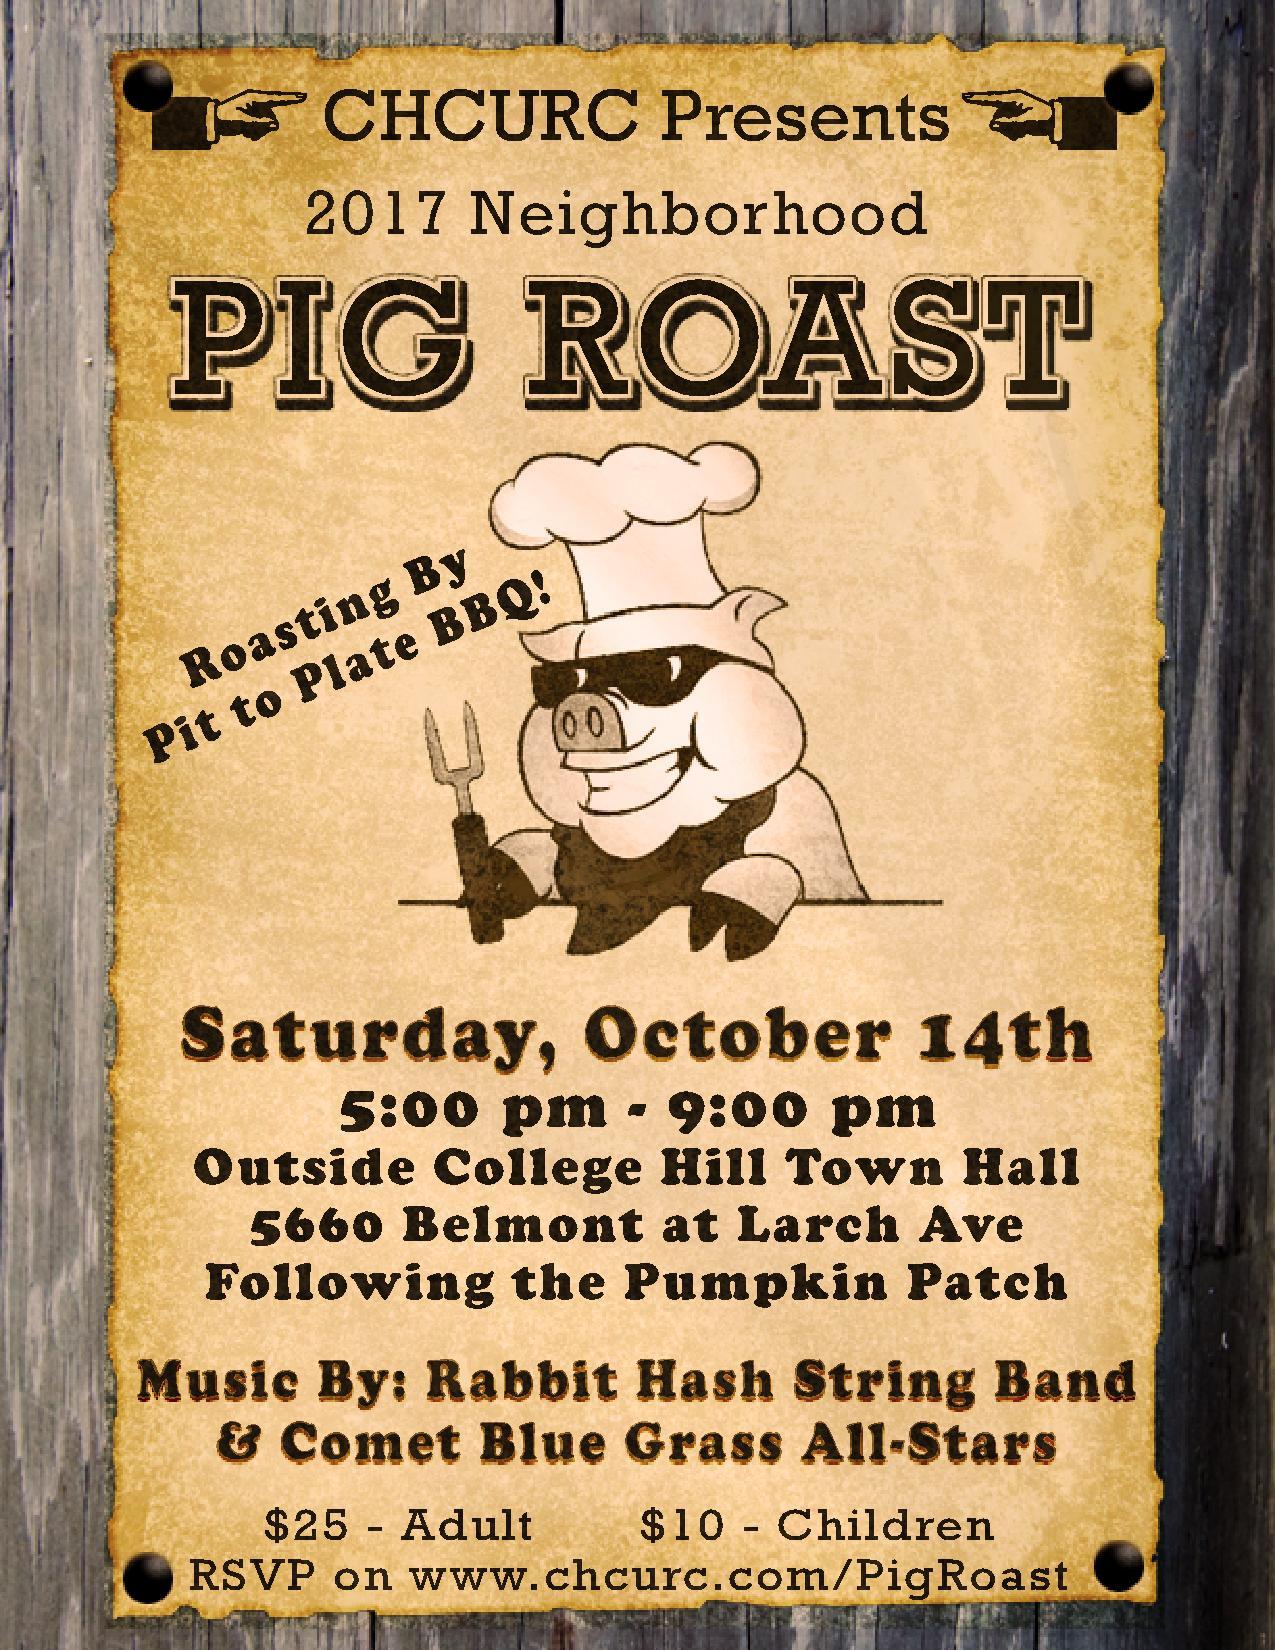 Pig Roast 2017